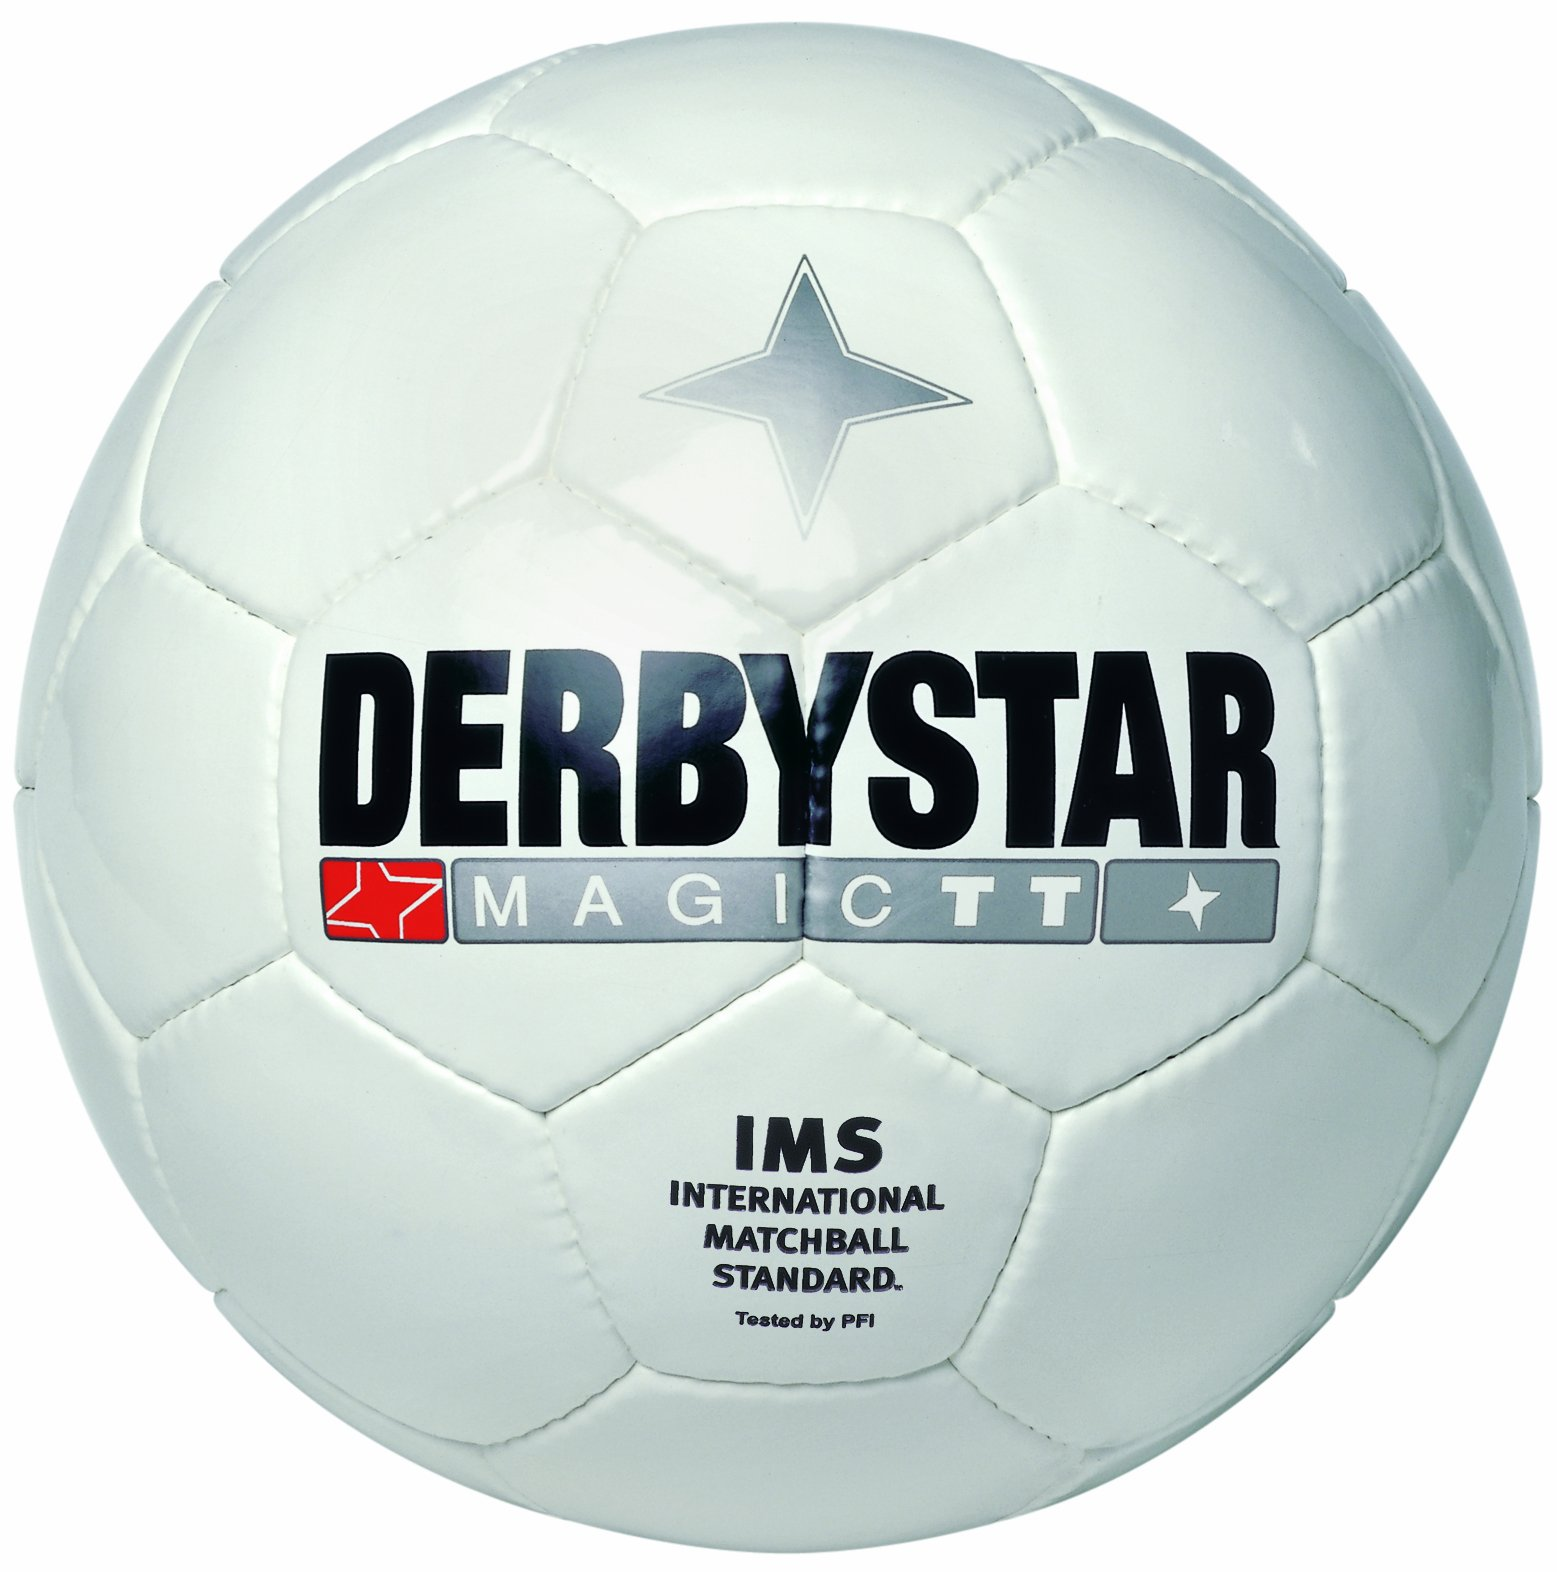 Derbystar Magic TT - Pallone da calcio taglia 5, colore: Bianco